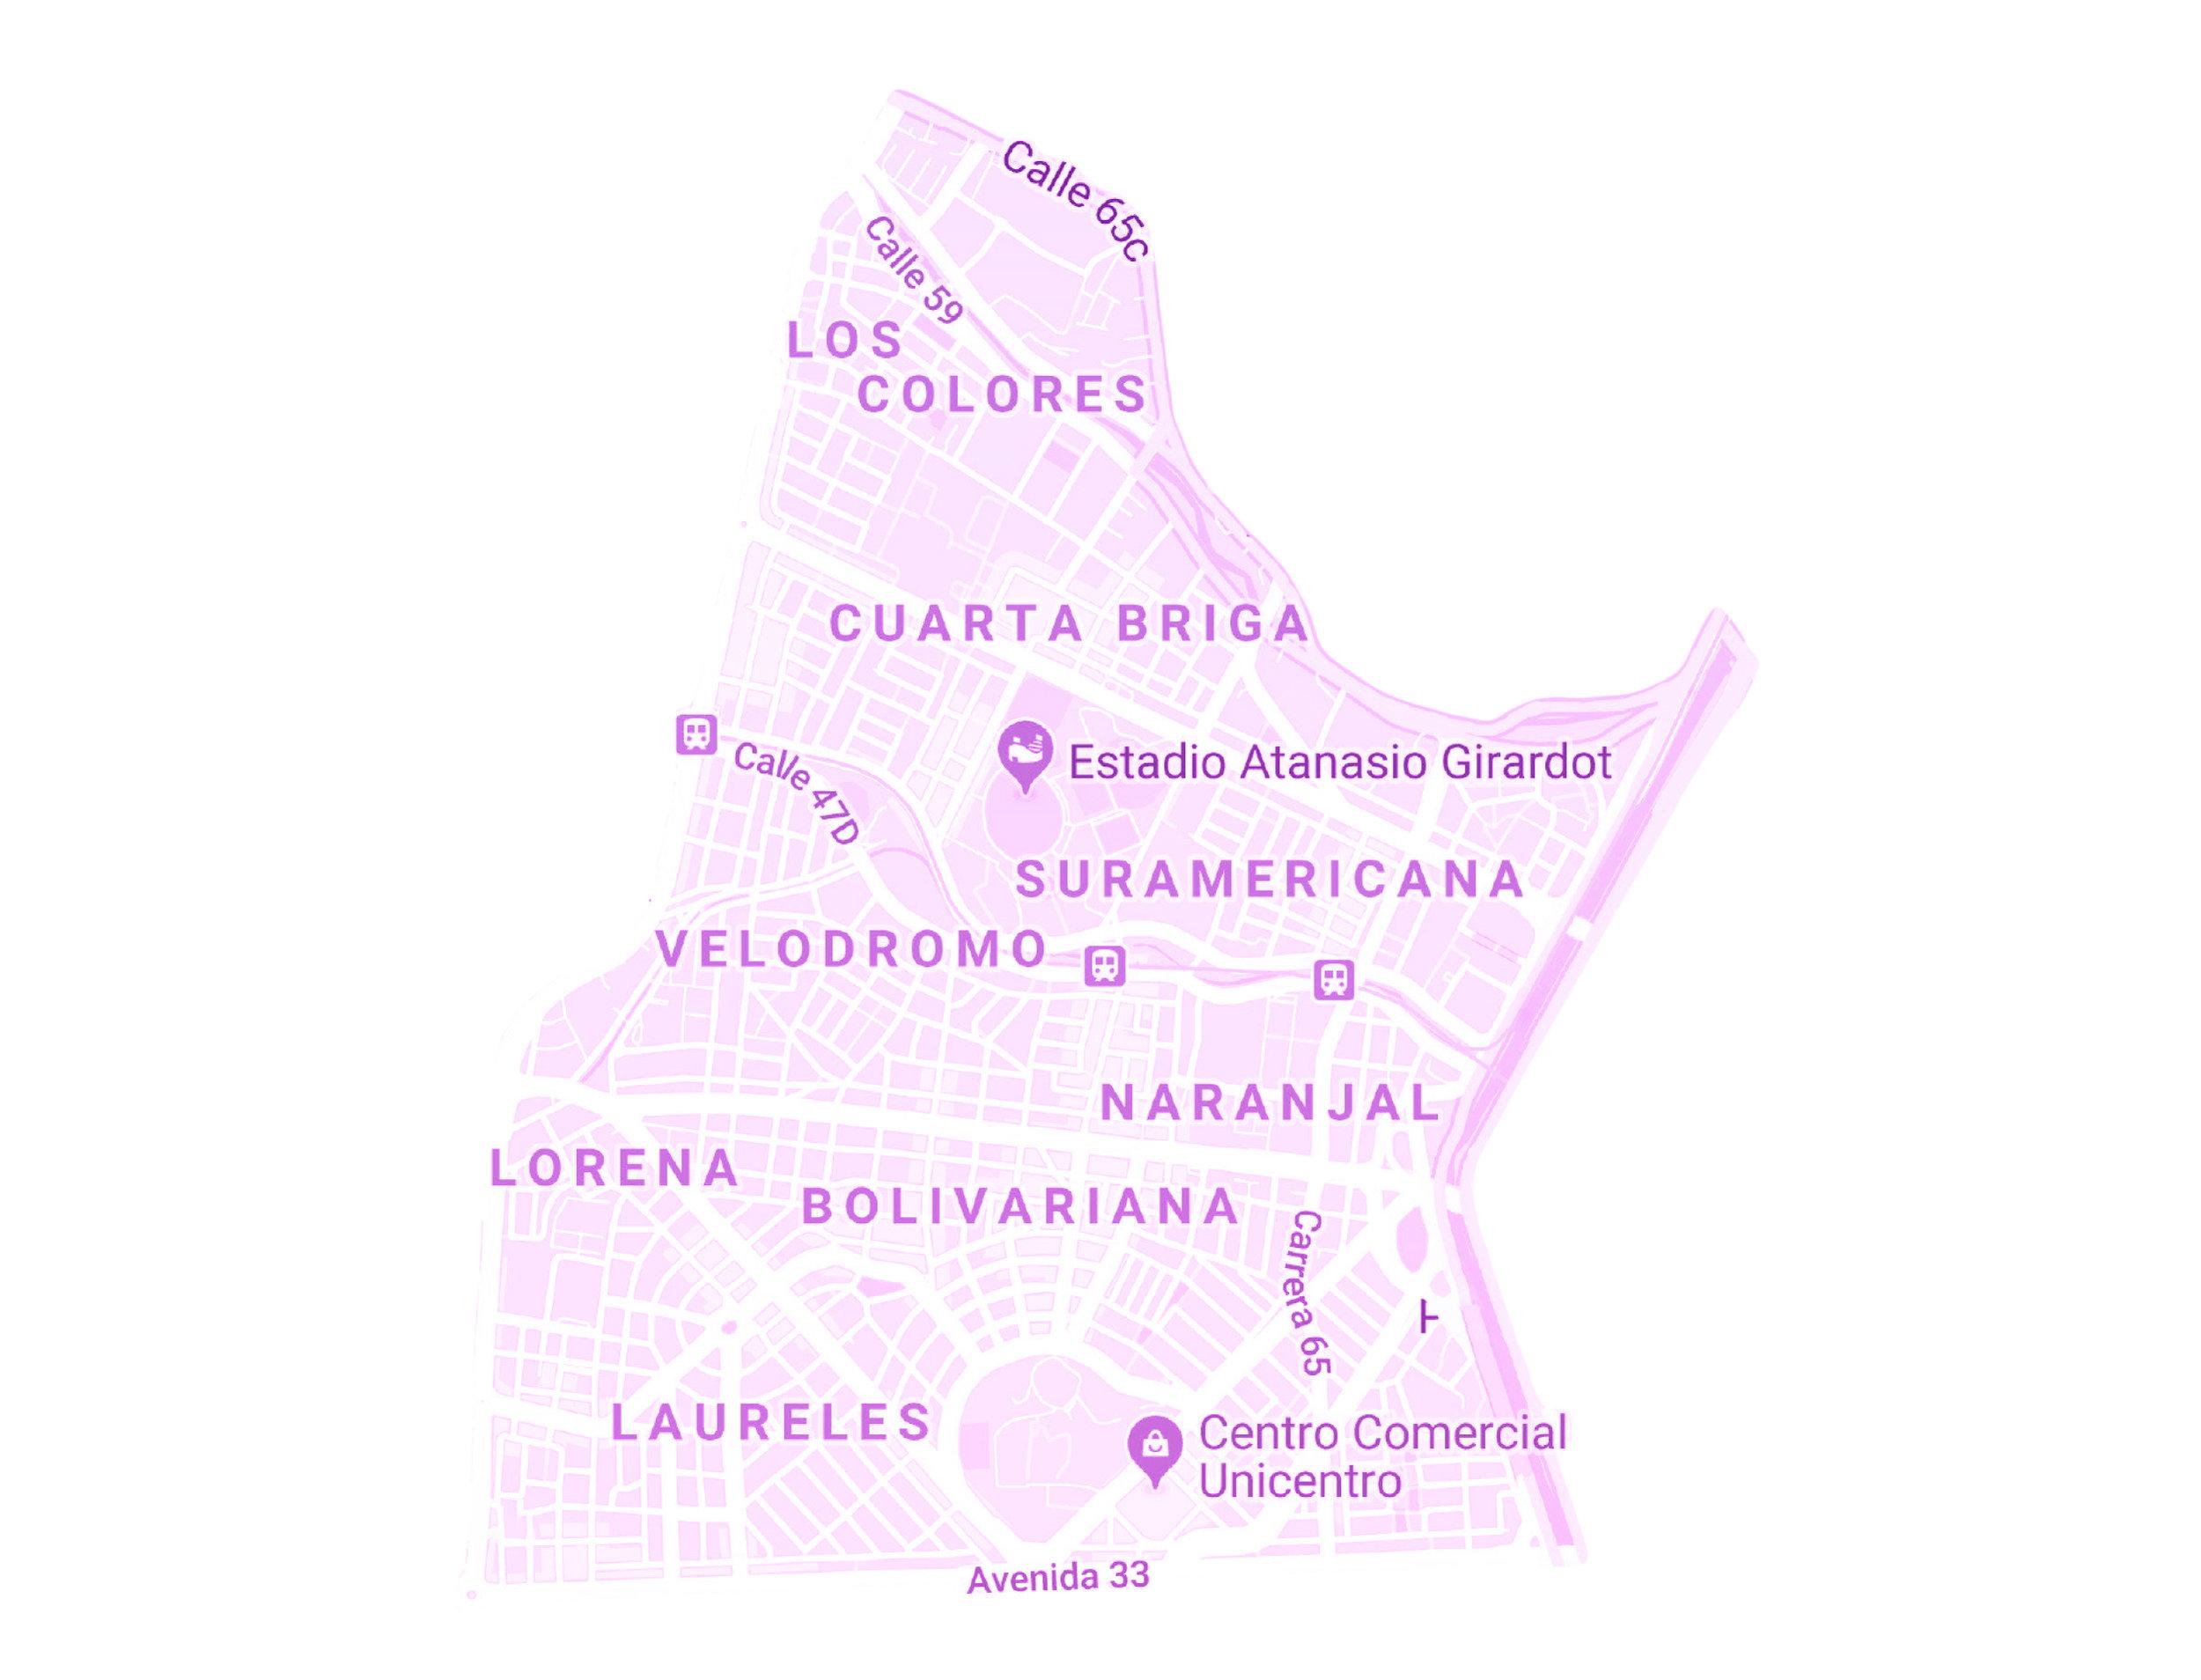 ZONA ÉXITO ROBLEDO    BARRIOS:  LOS COLORES, 4 BRIGADA, VELÓDROMO, SURAMERICANA, NARANJAL, BOLIVARIANA, LAURELES Y LORENA.